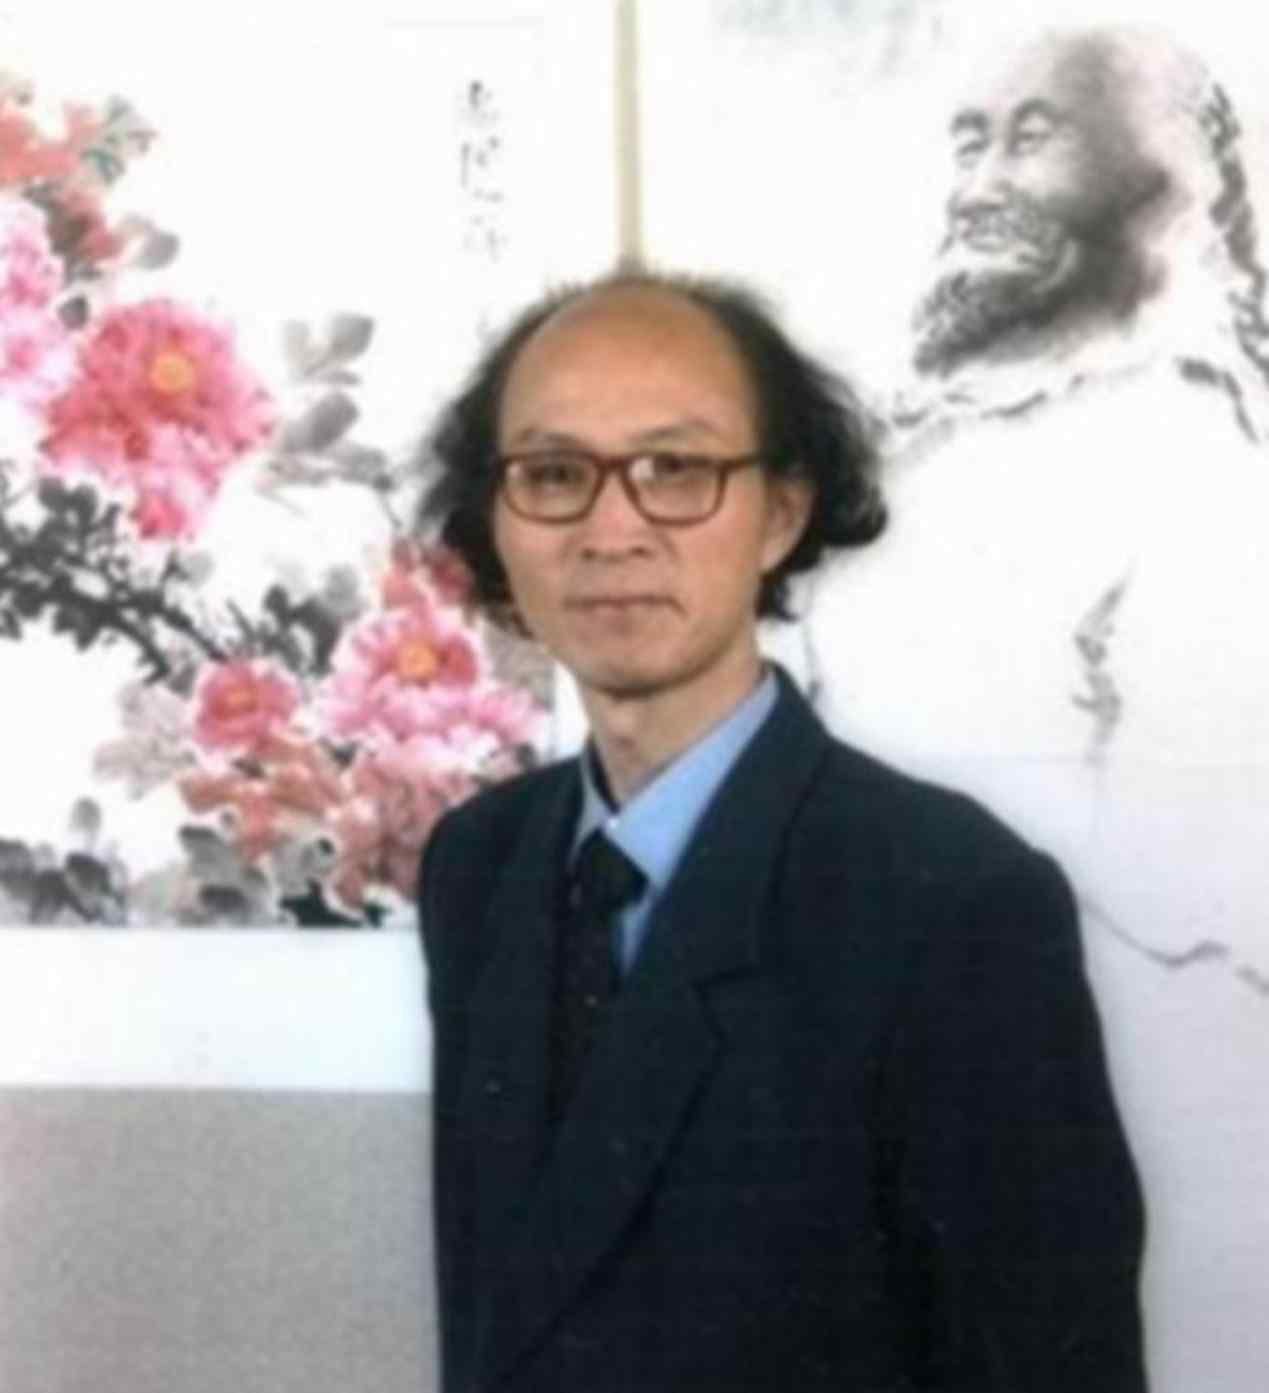 郭有几画 中国当代画家郭文松艺术欣赏